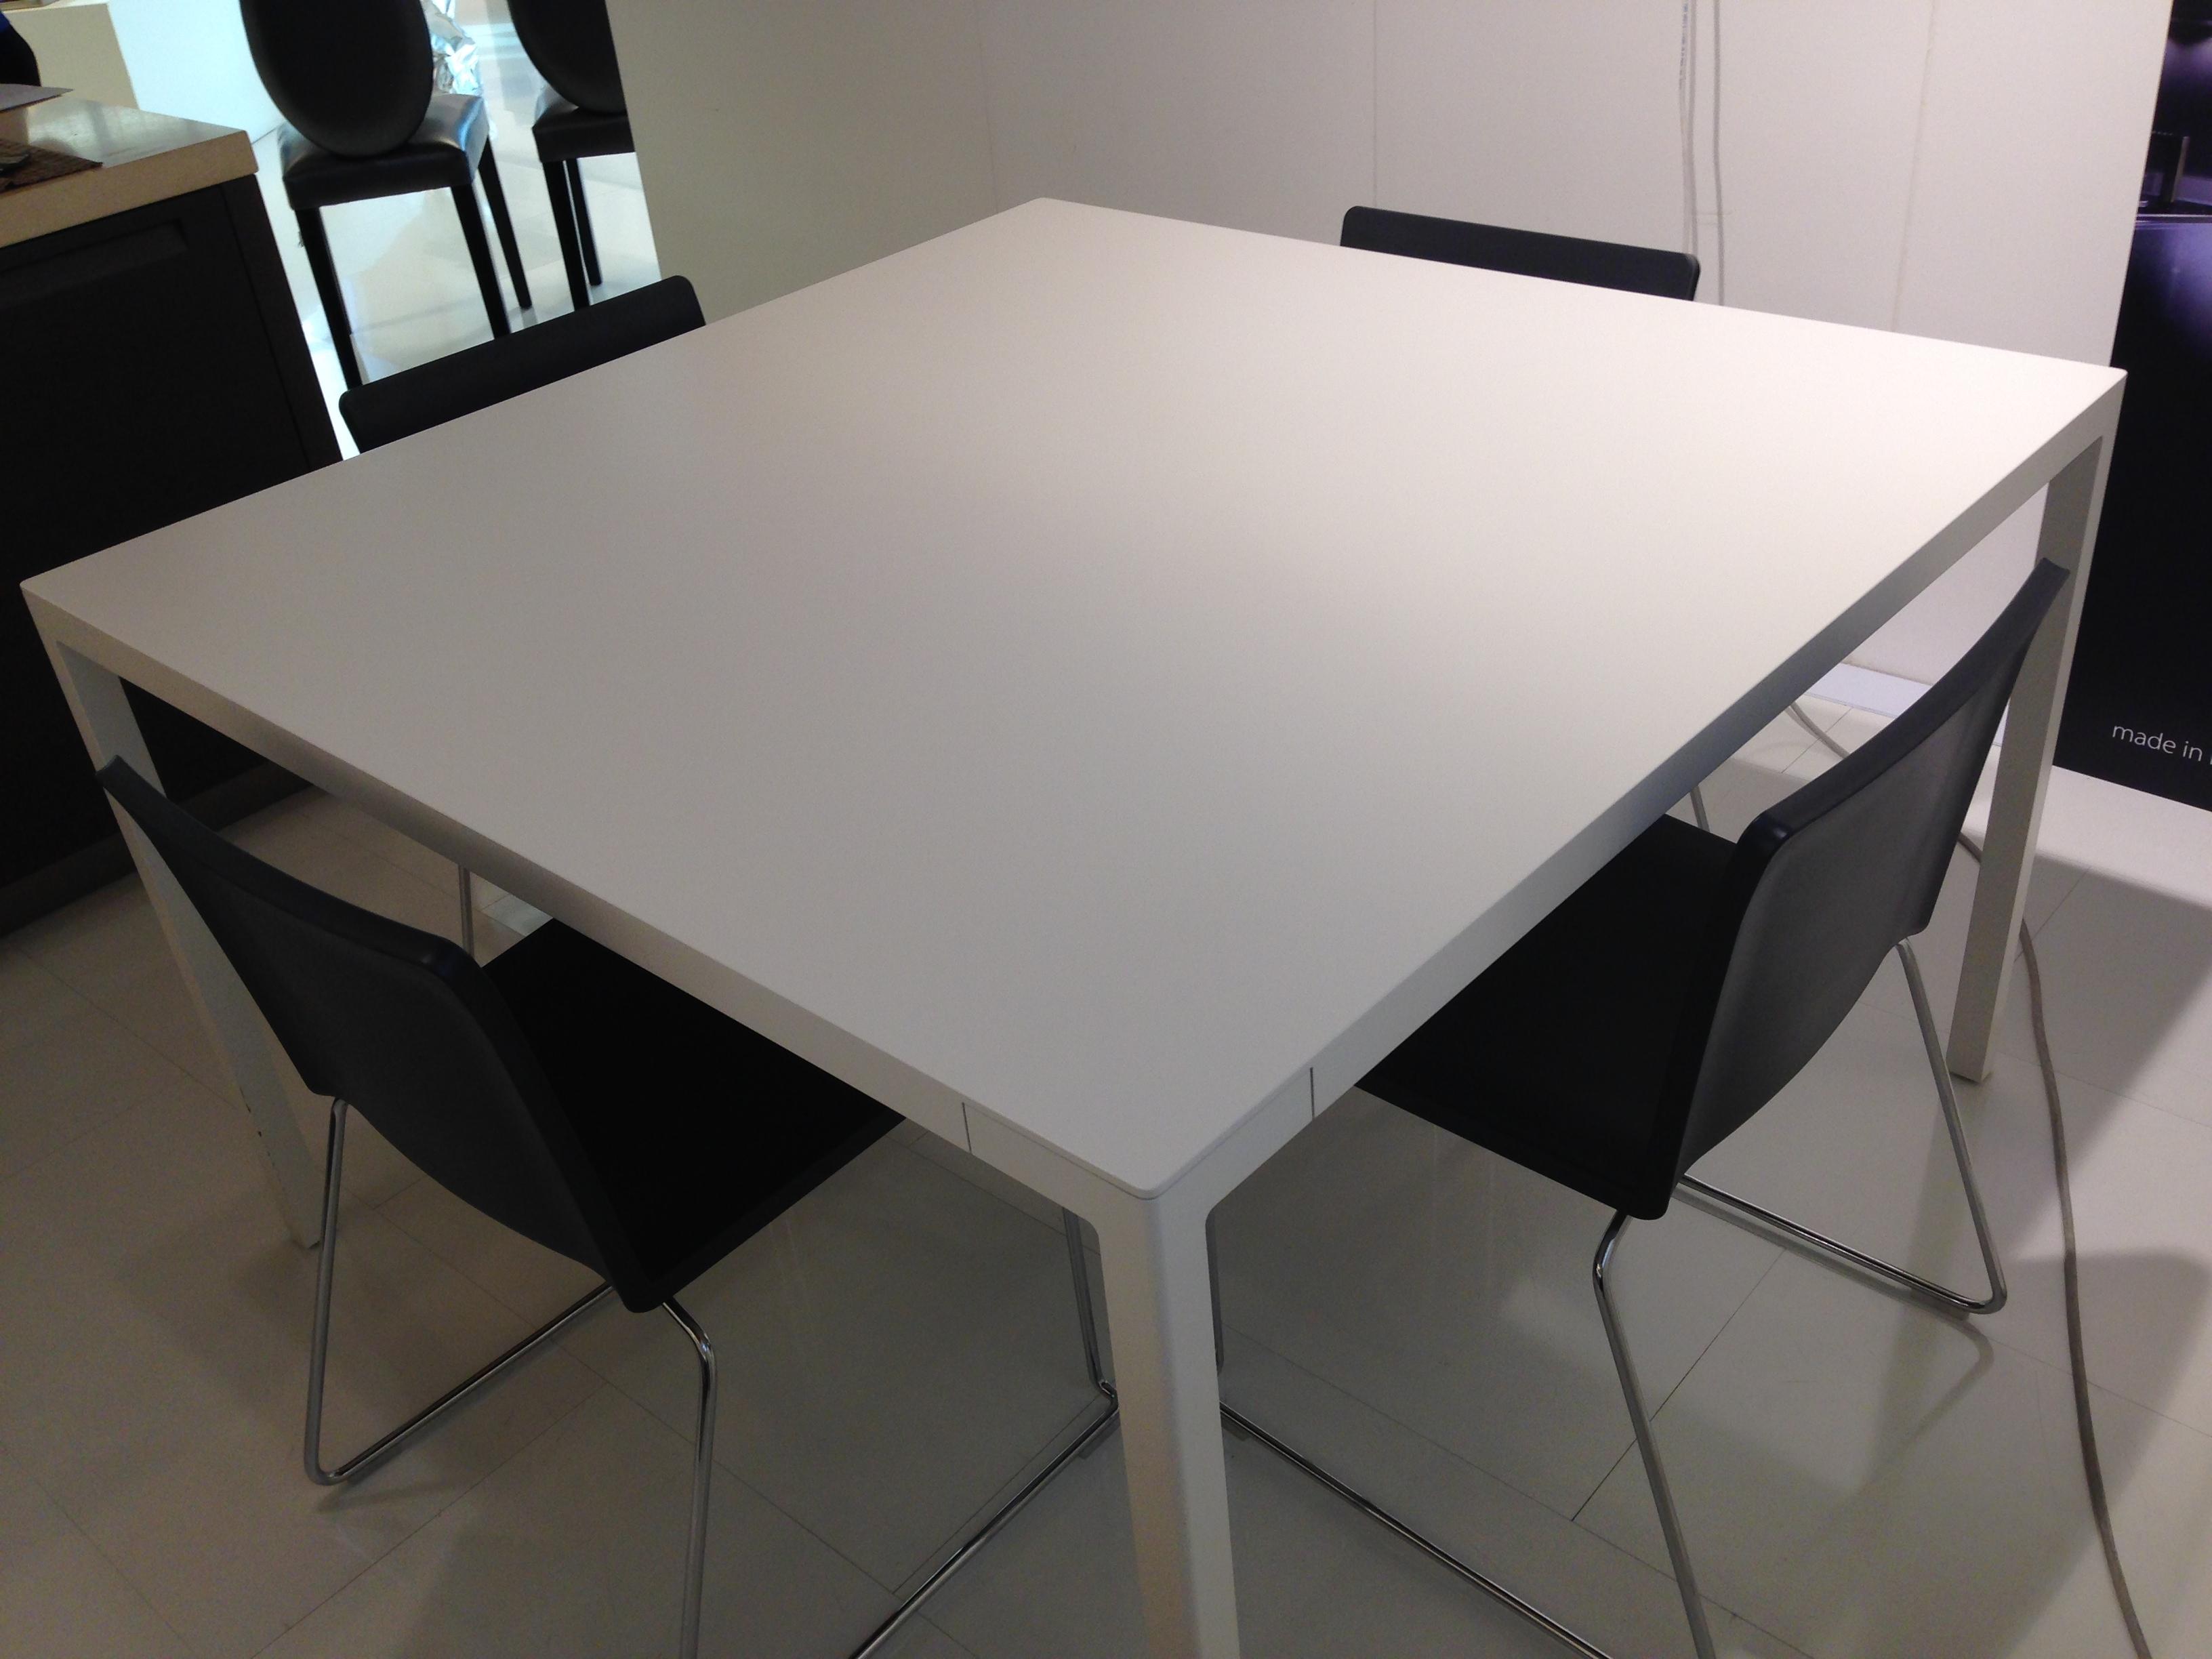 Tavolo varenna con sedie scontato tavoli a prezzi scontati for Tavolo bianco con sedie